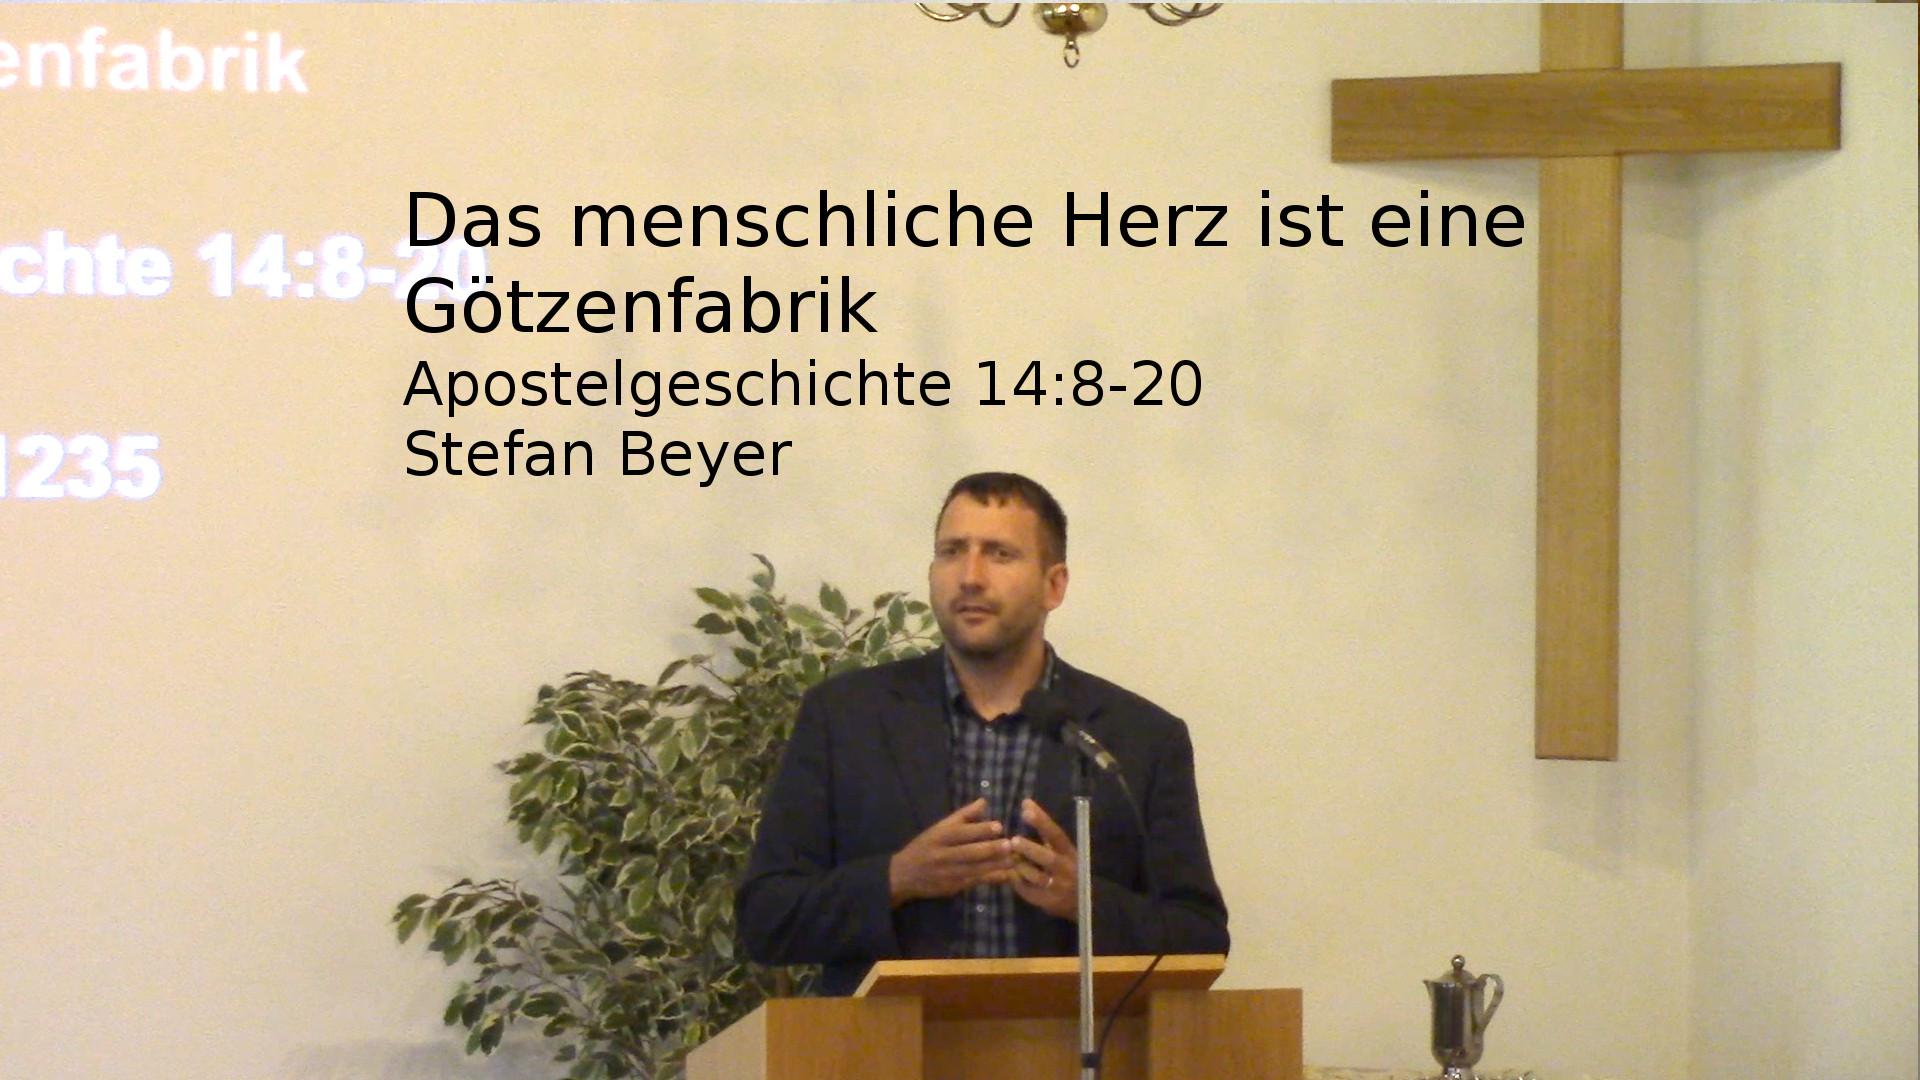 Apostelgeschichte 14:8-20 – Das menschliche Herz ist eine Götzenfabrik